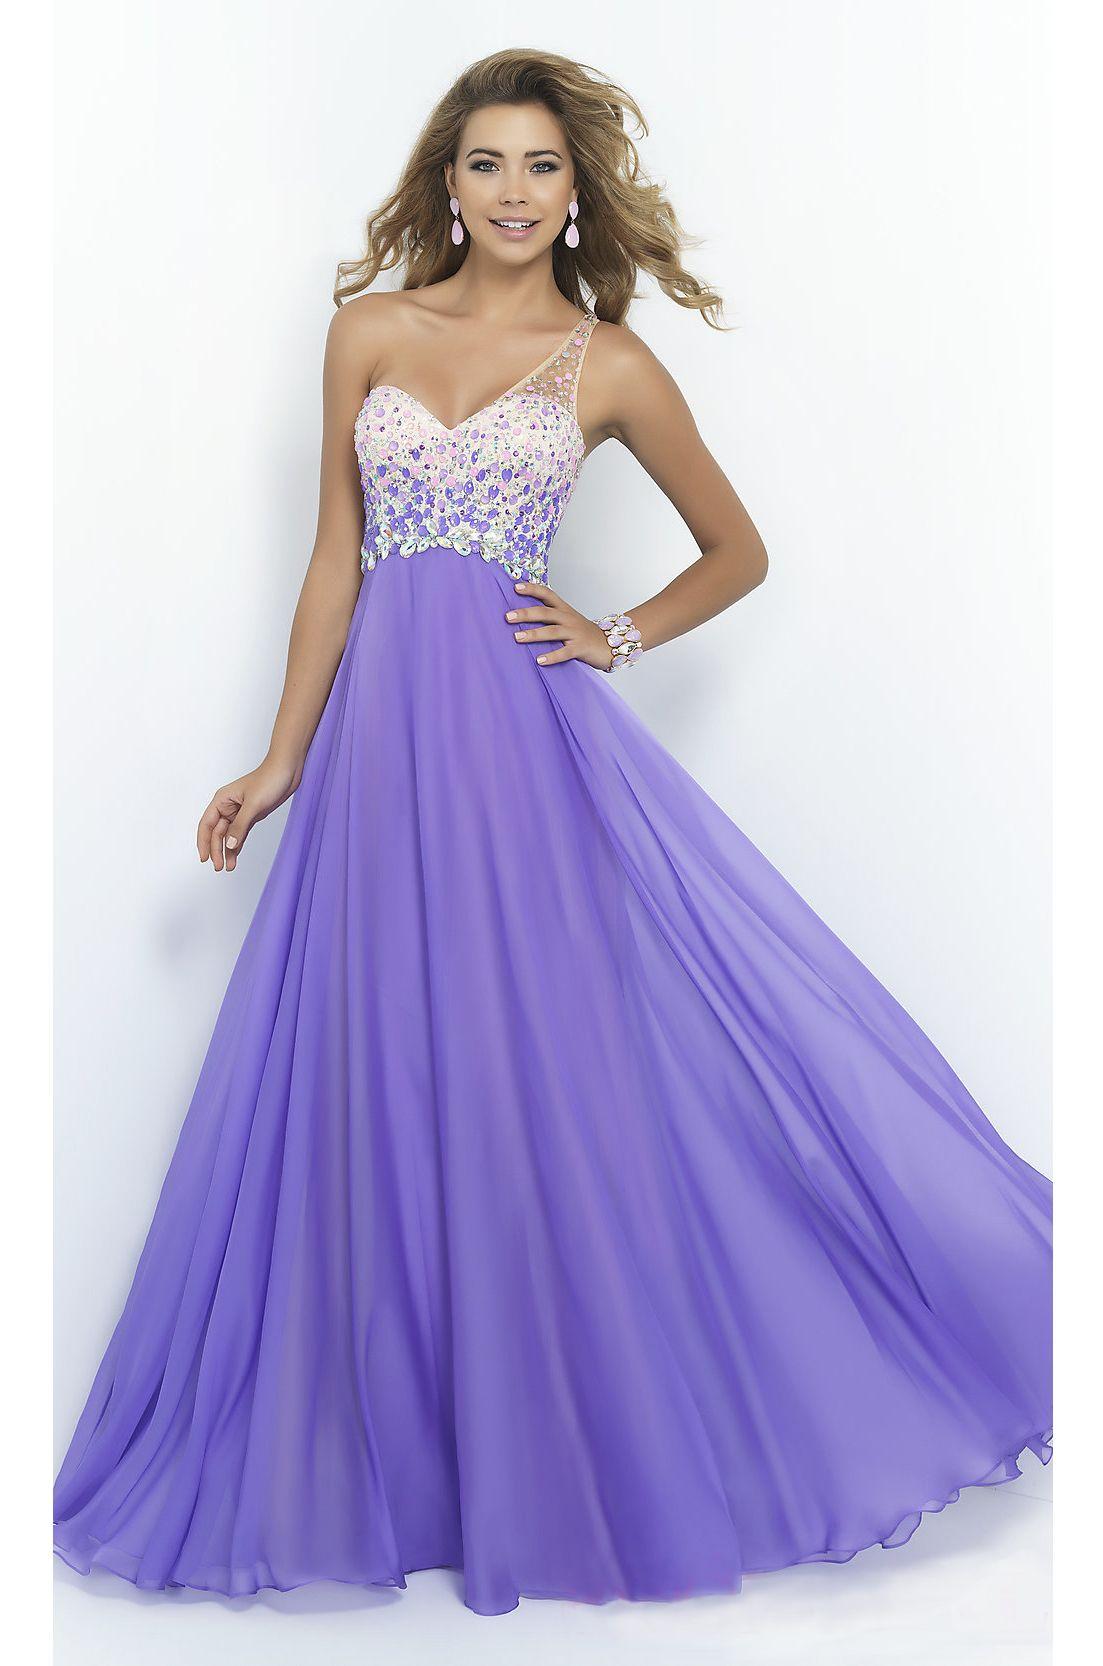 Pin de Emily Kearns en Prom dresses for grad this year!! | Pinterest ...